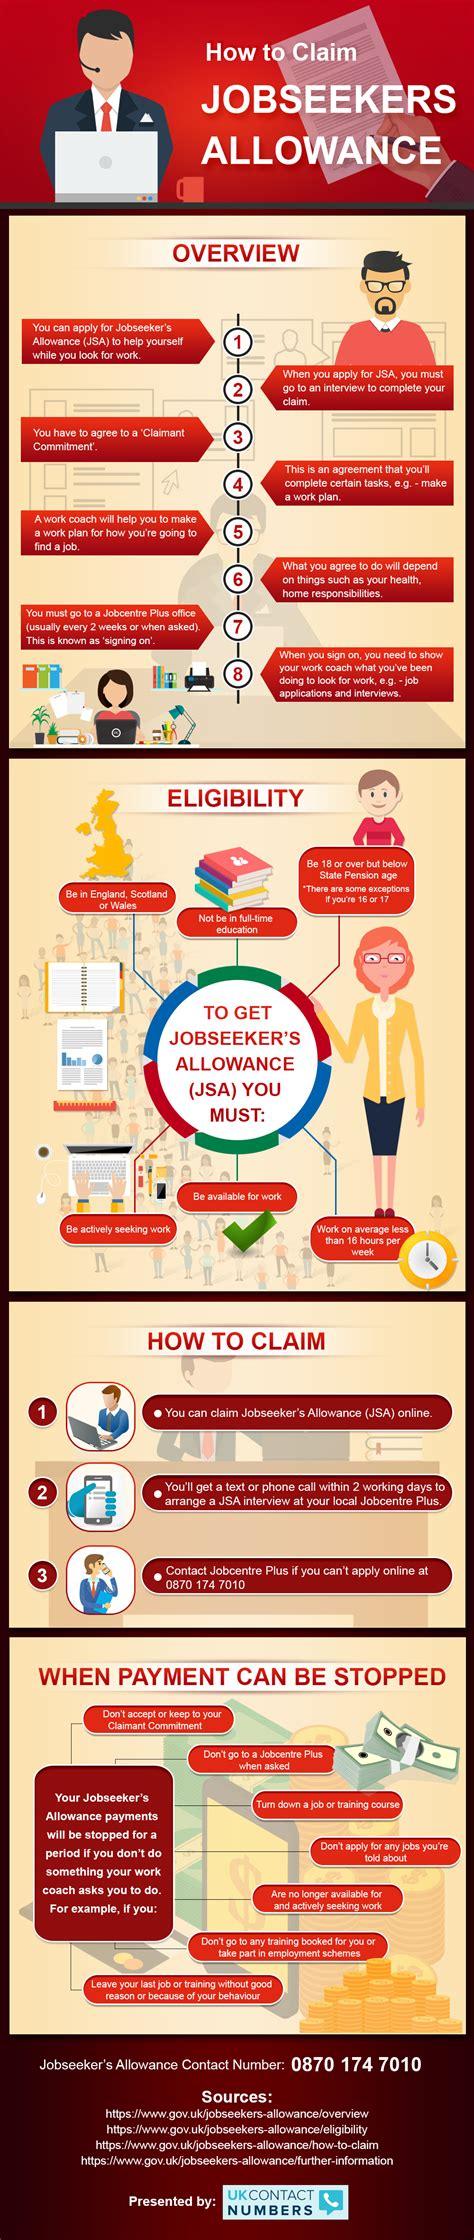 jobseekers allowance contact number uk 0870 025 0047